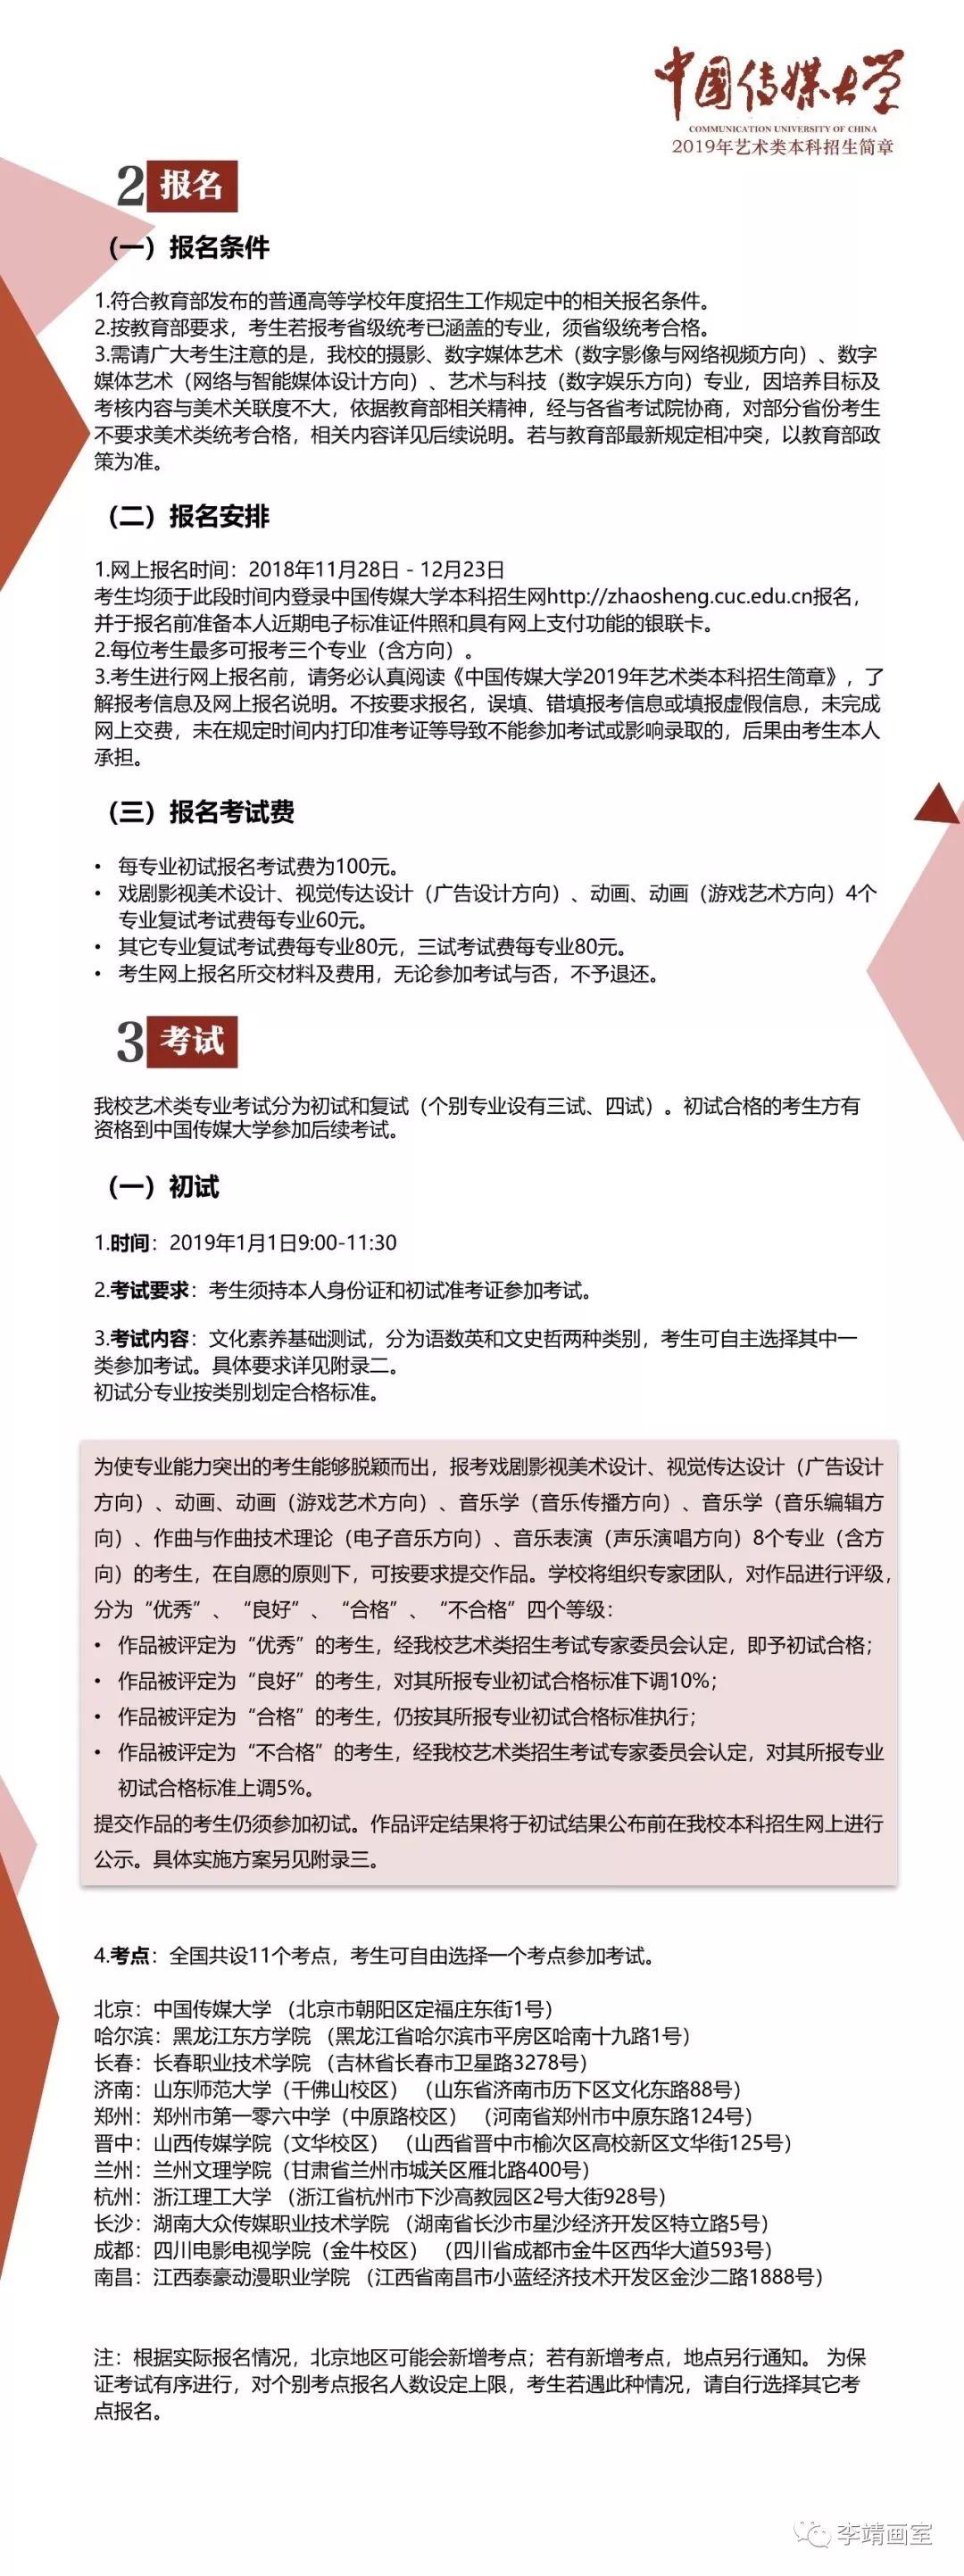 2019年中国传媒大学艺术类本科招生计划公布